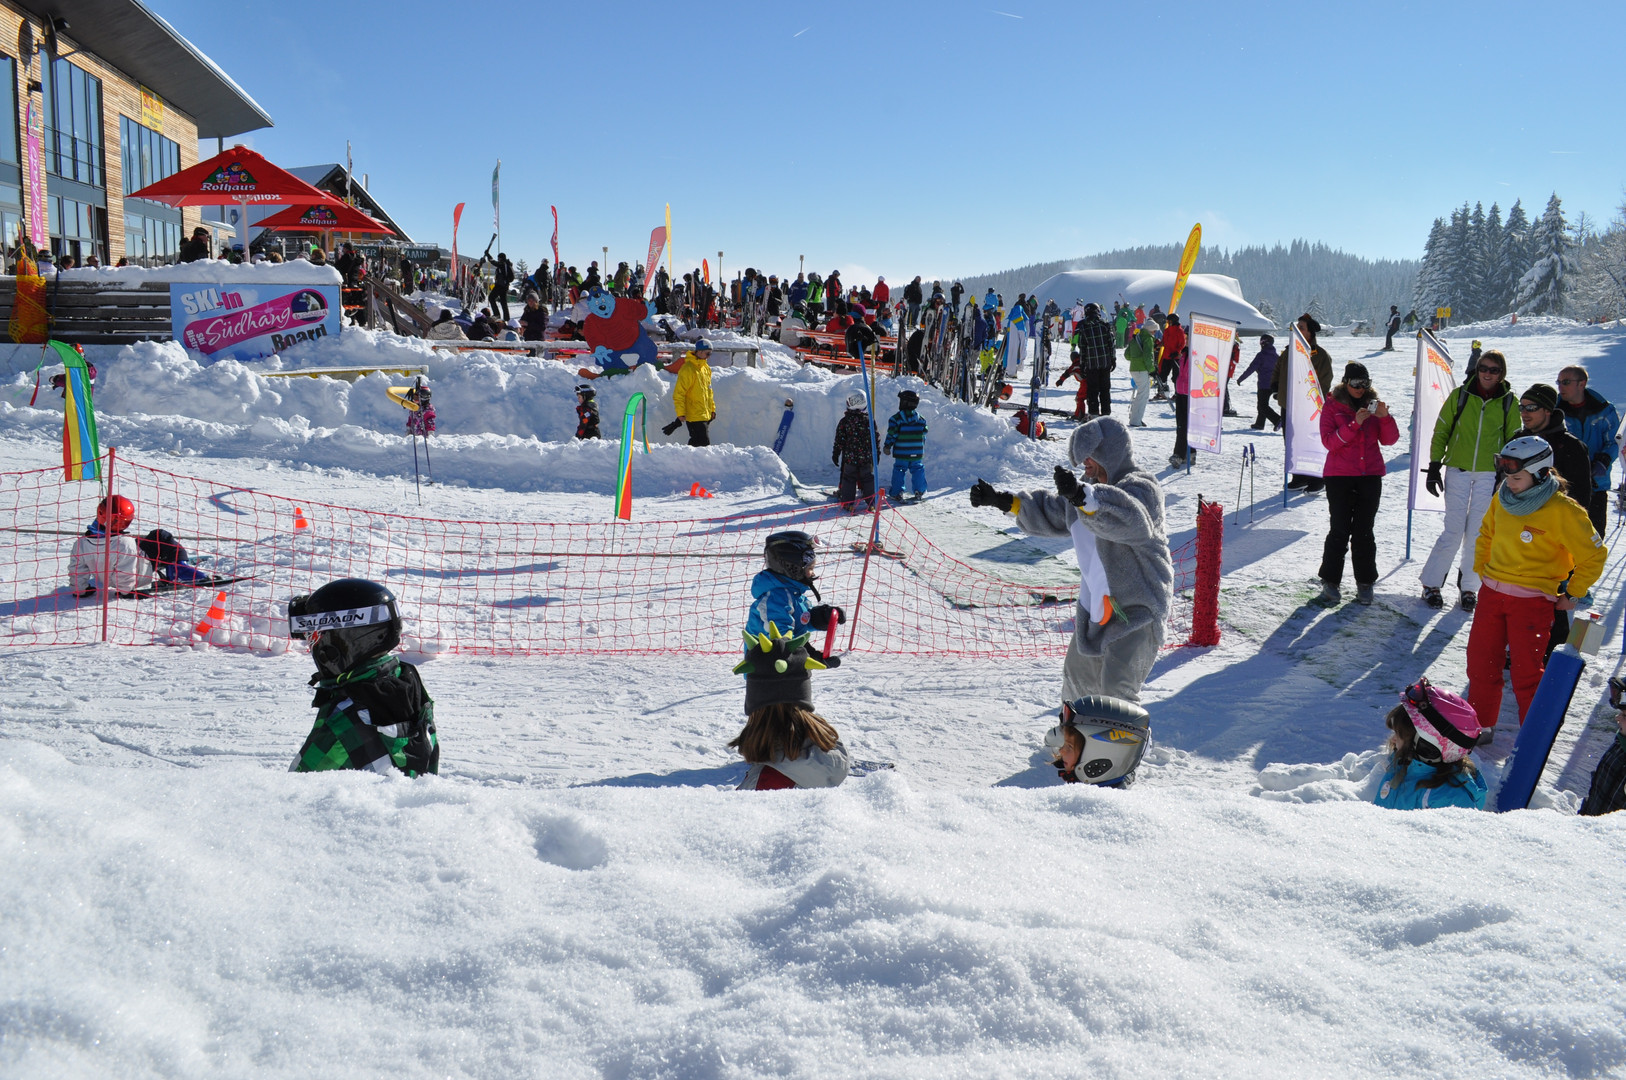 skischule_onsnow_feldberg__DSC_0231.JPG